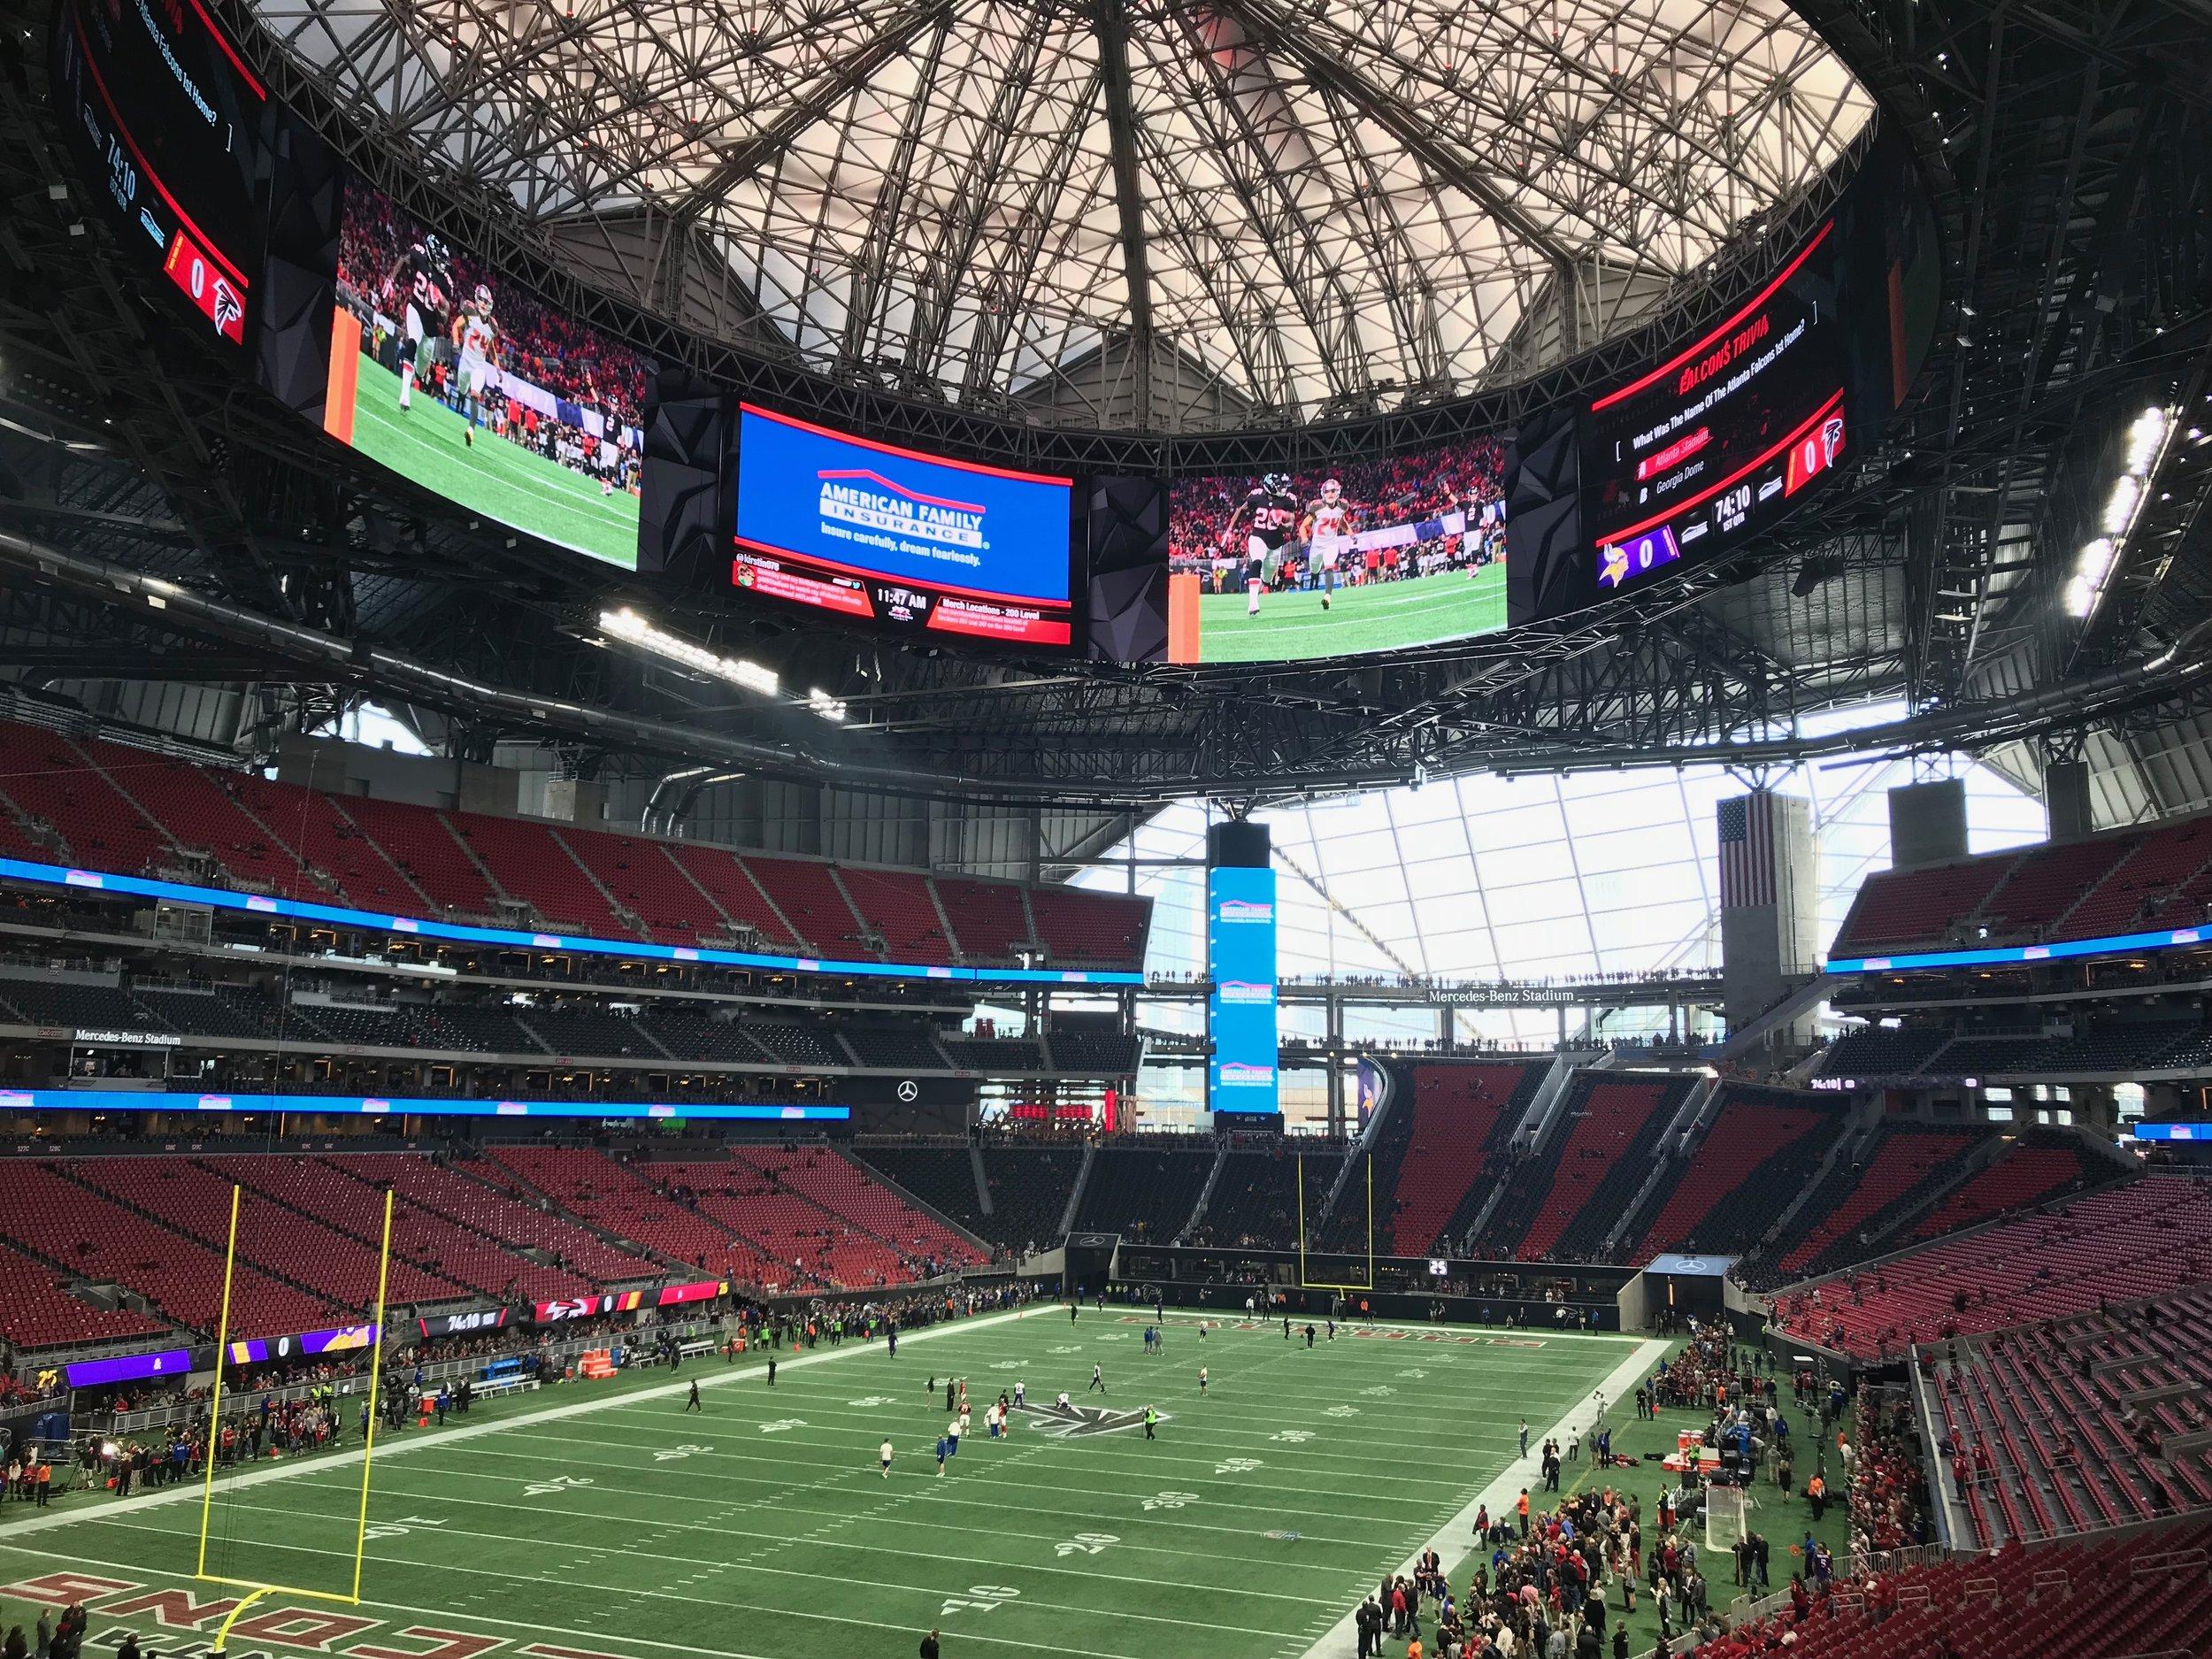 Awesome stadium